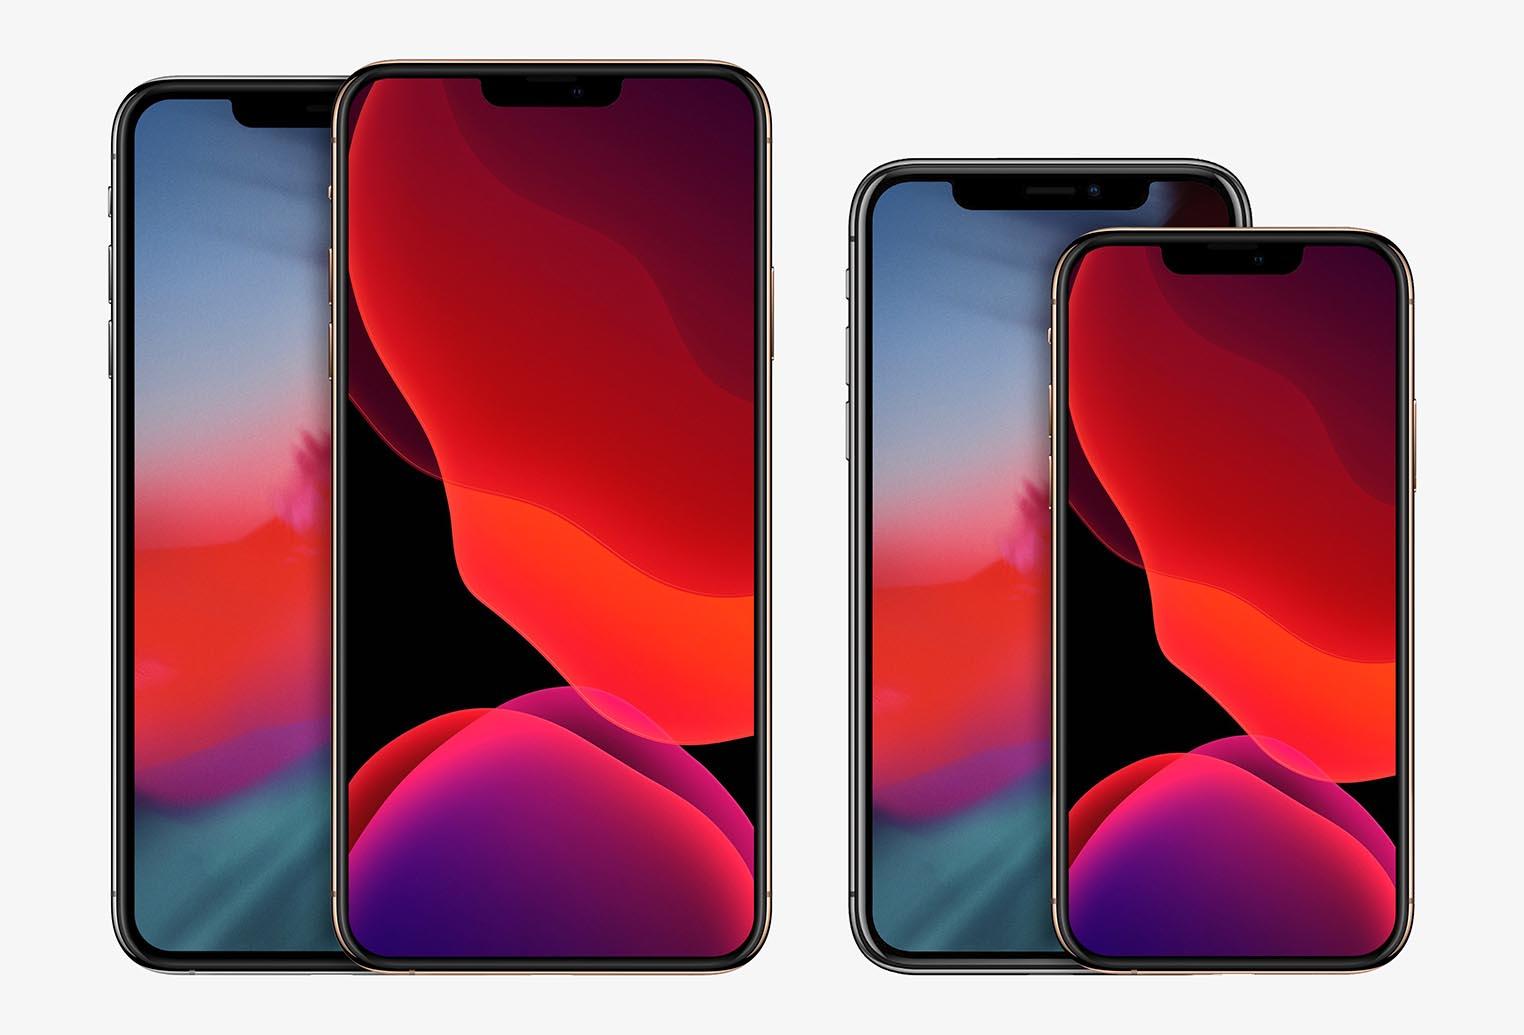 Consomac : Pas trois mais quatre modèles d'iPhone 12 en 2020 ?